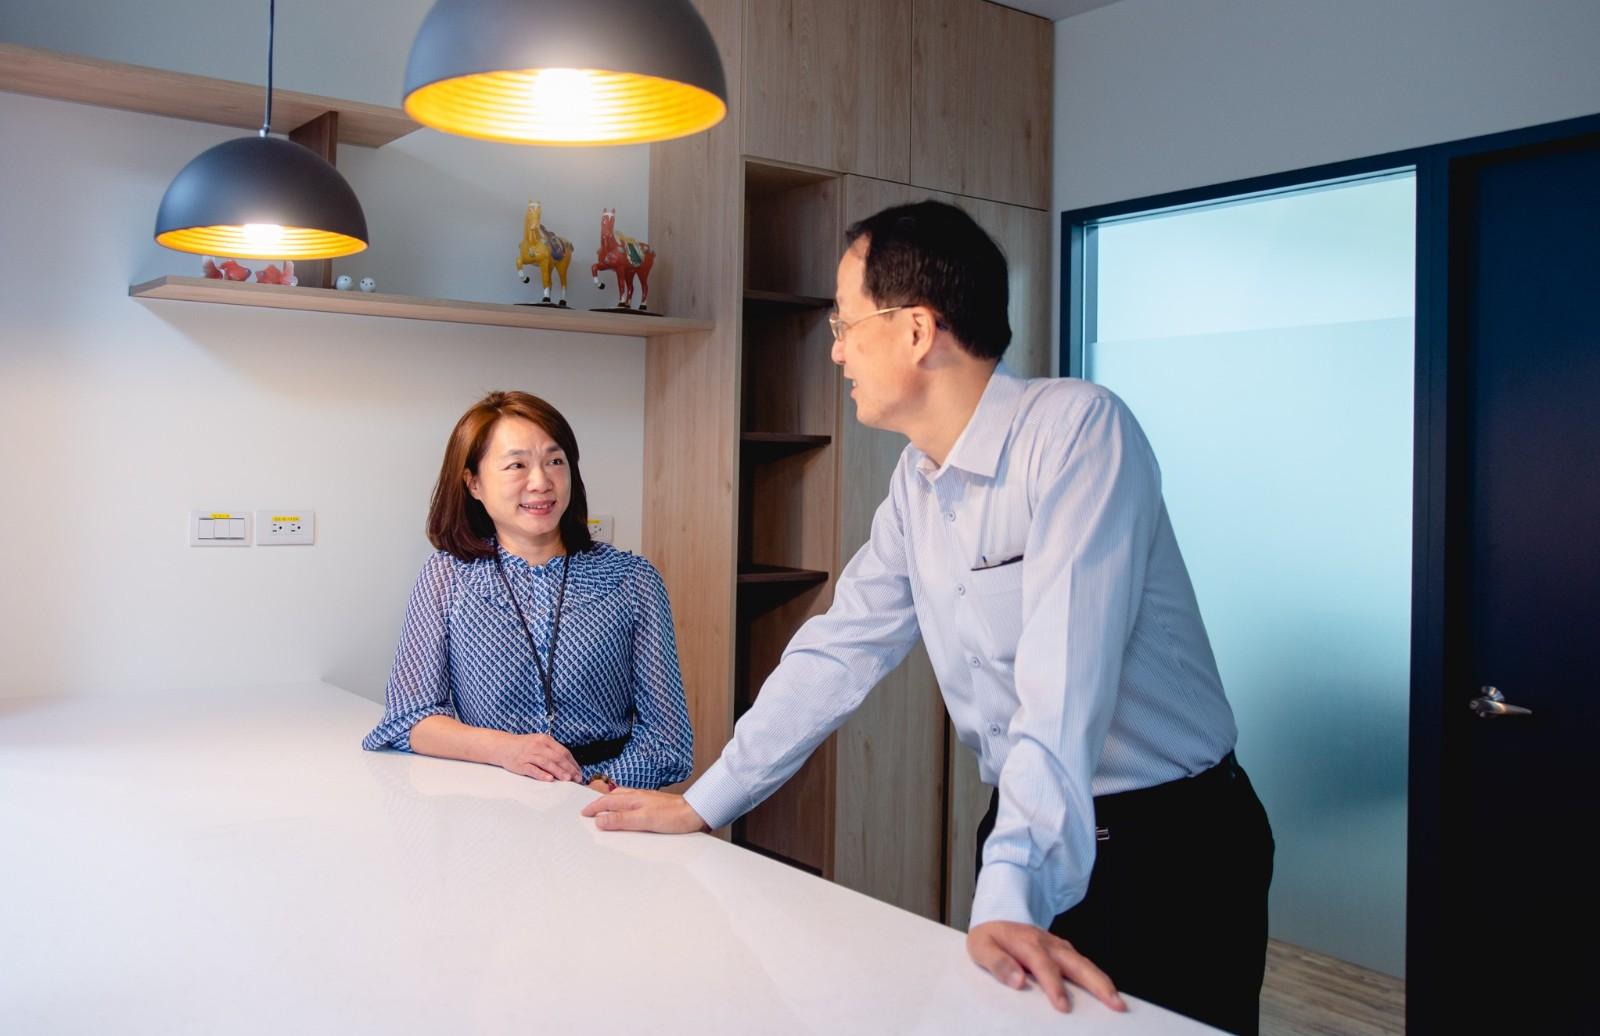 溫孟霓經理(左)深受擎昊科技的企業文化所影響.JPG